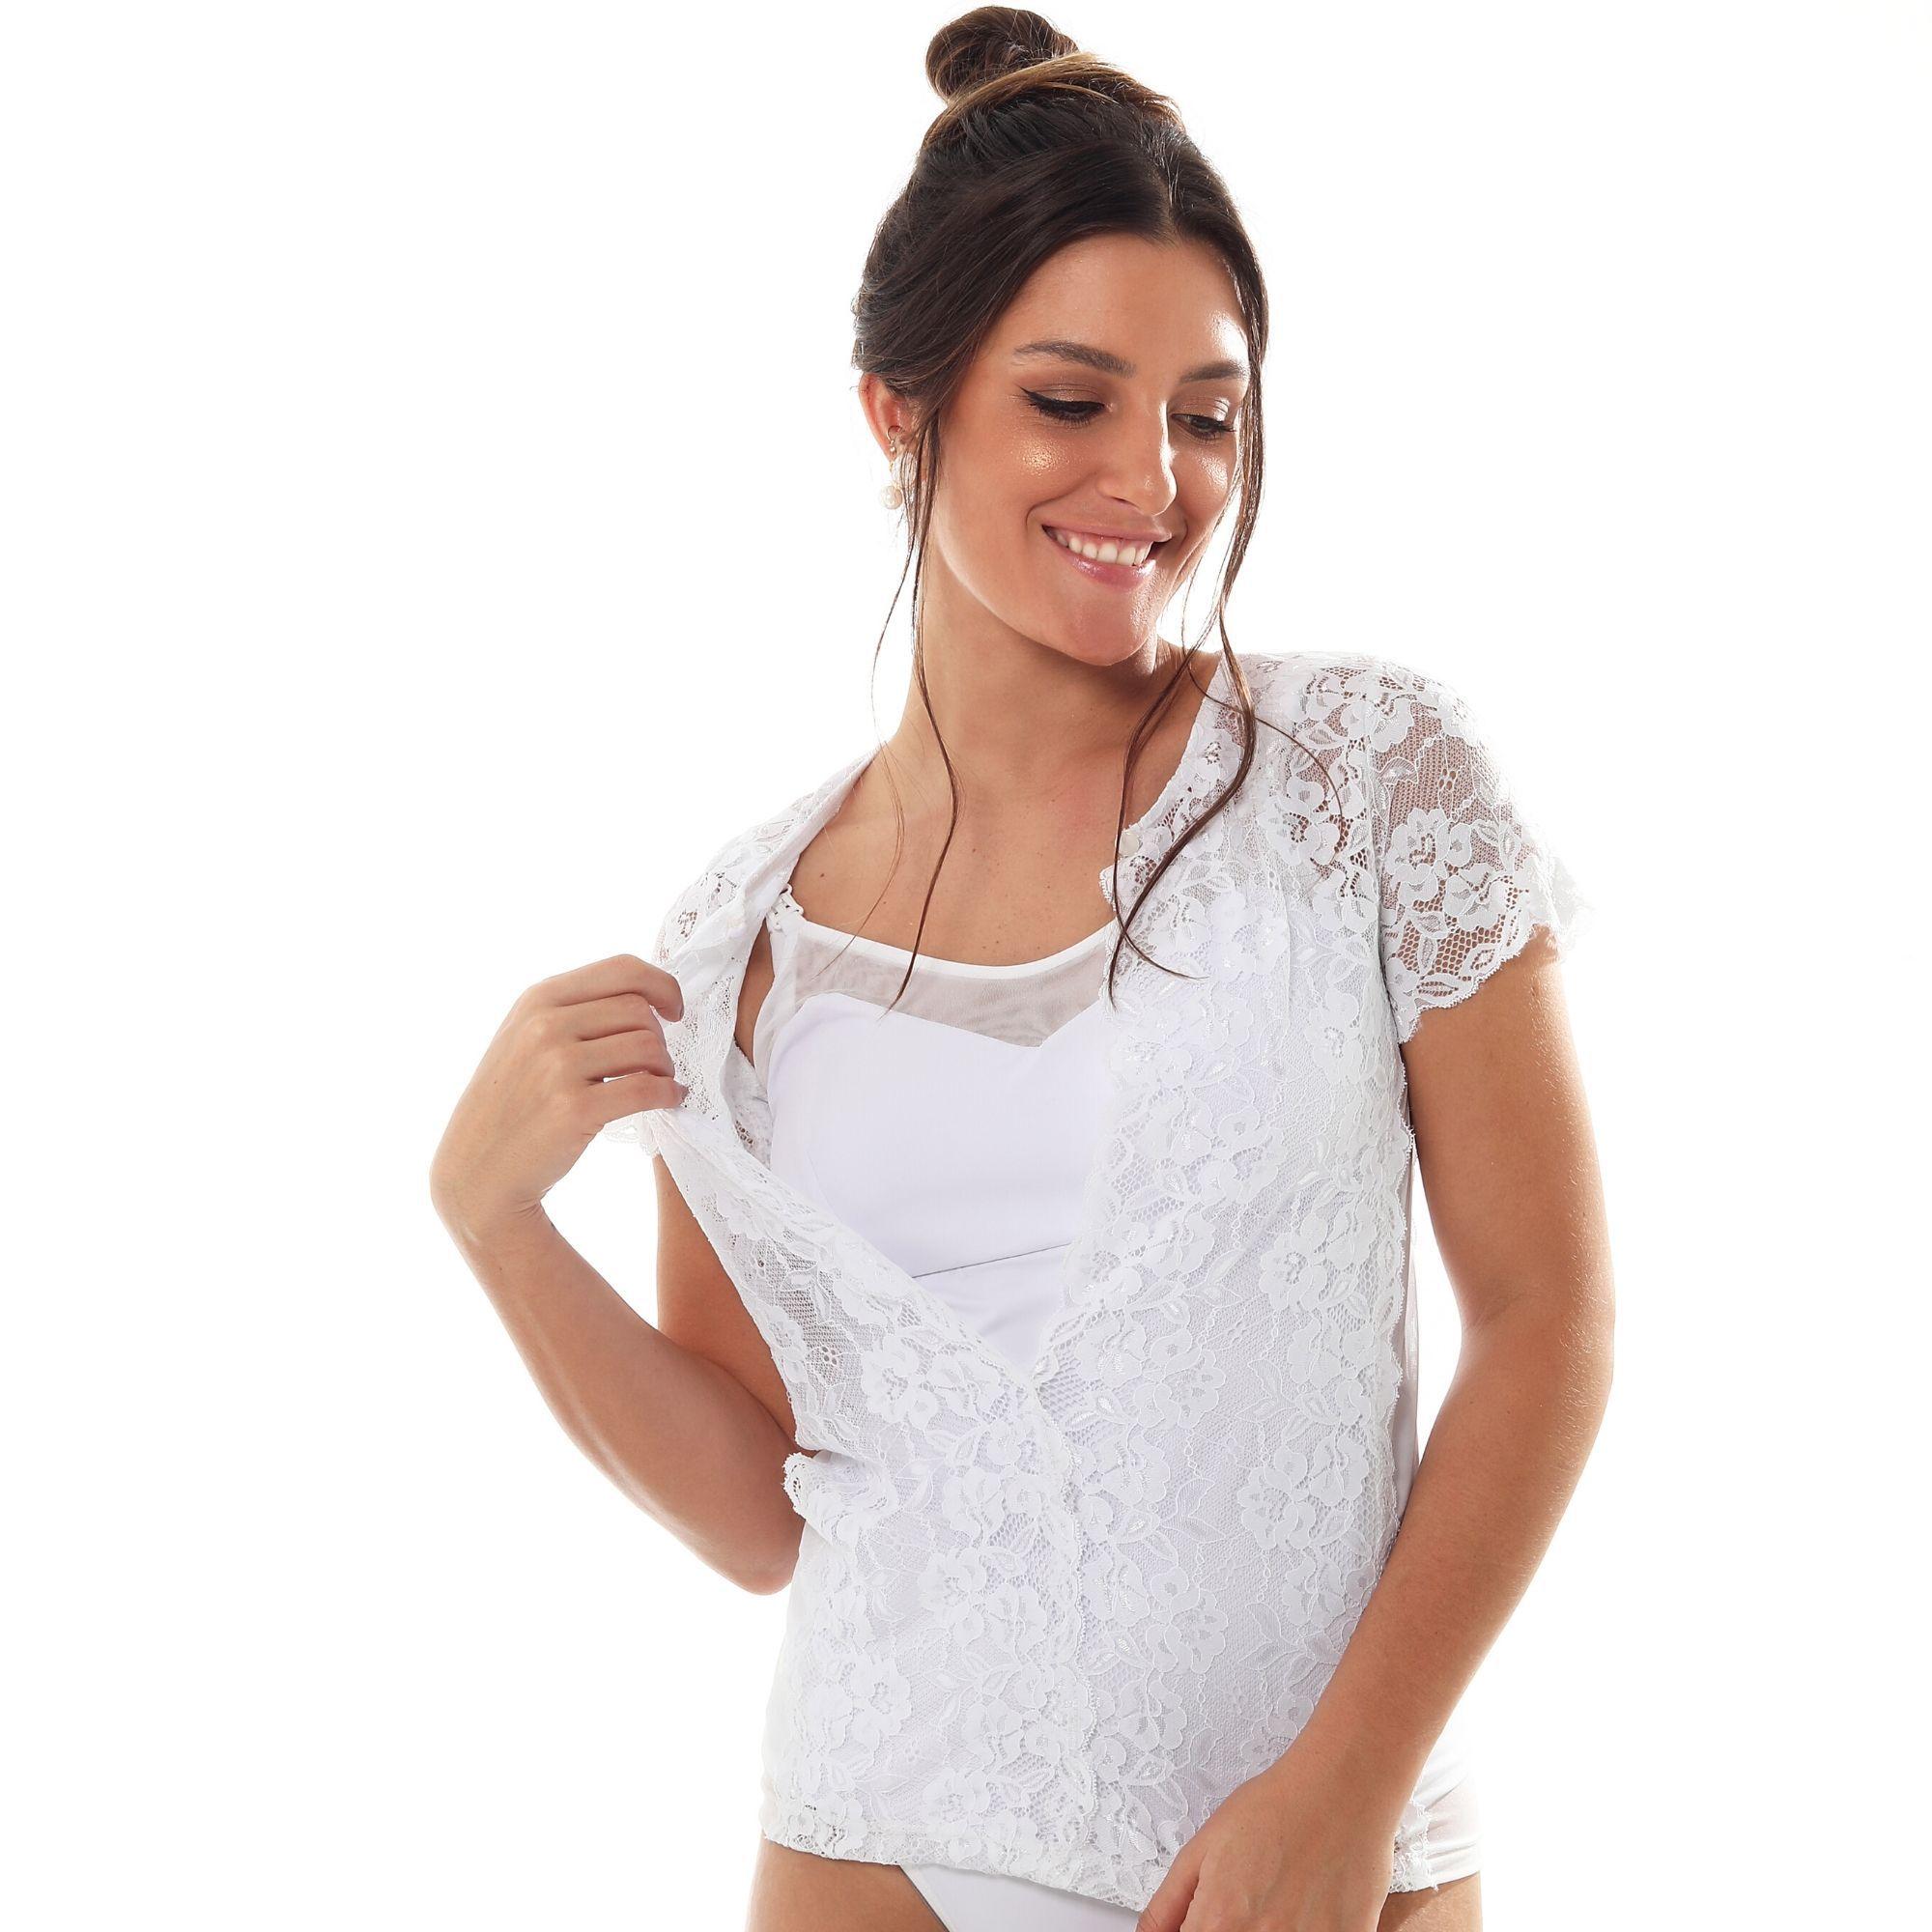 Camisete amamentação em microfibra e tule com sobreposição de blusa em renda branca